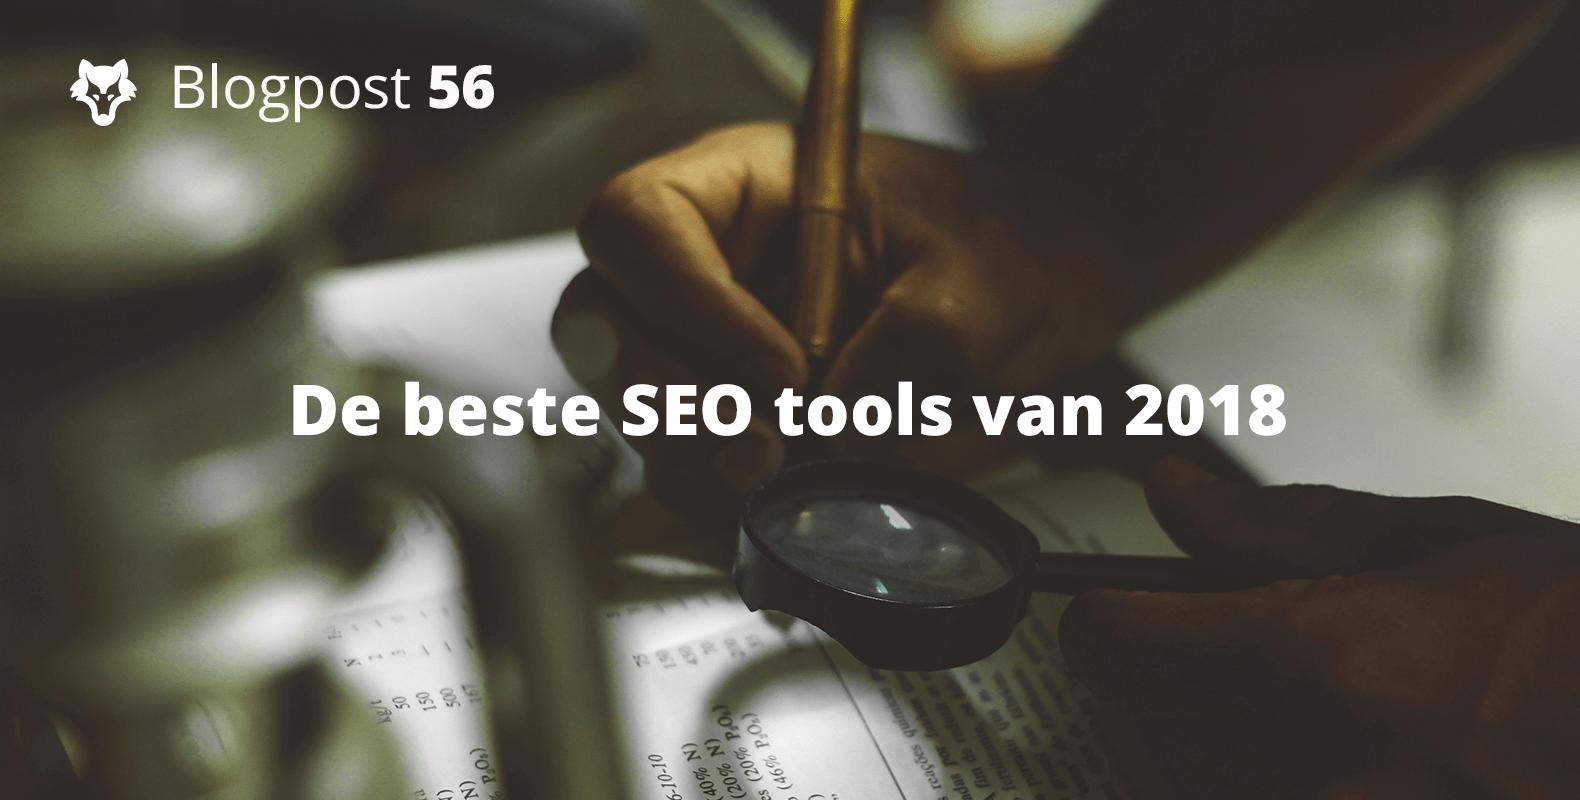 De beste SEO tools van 2018